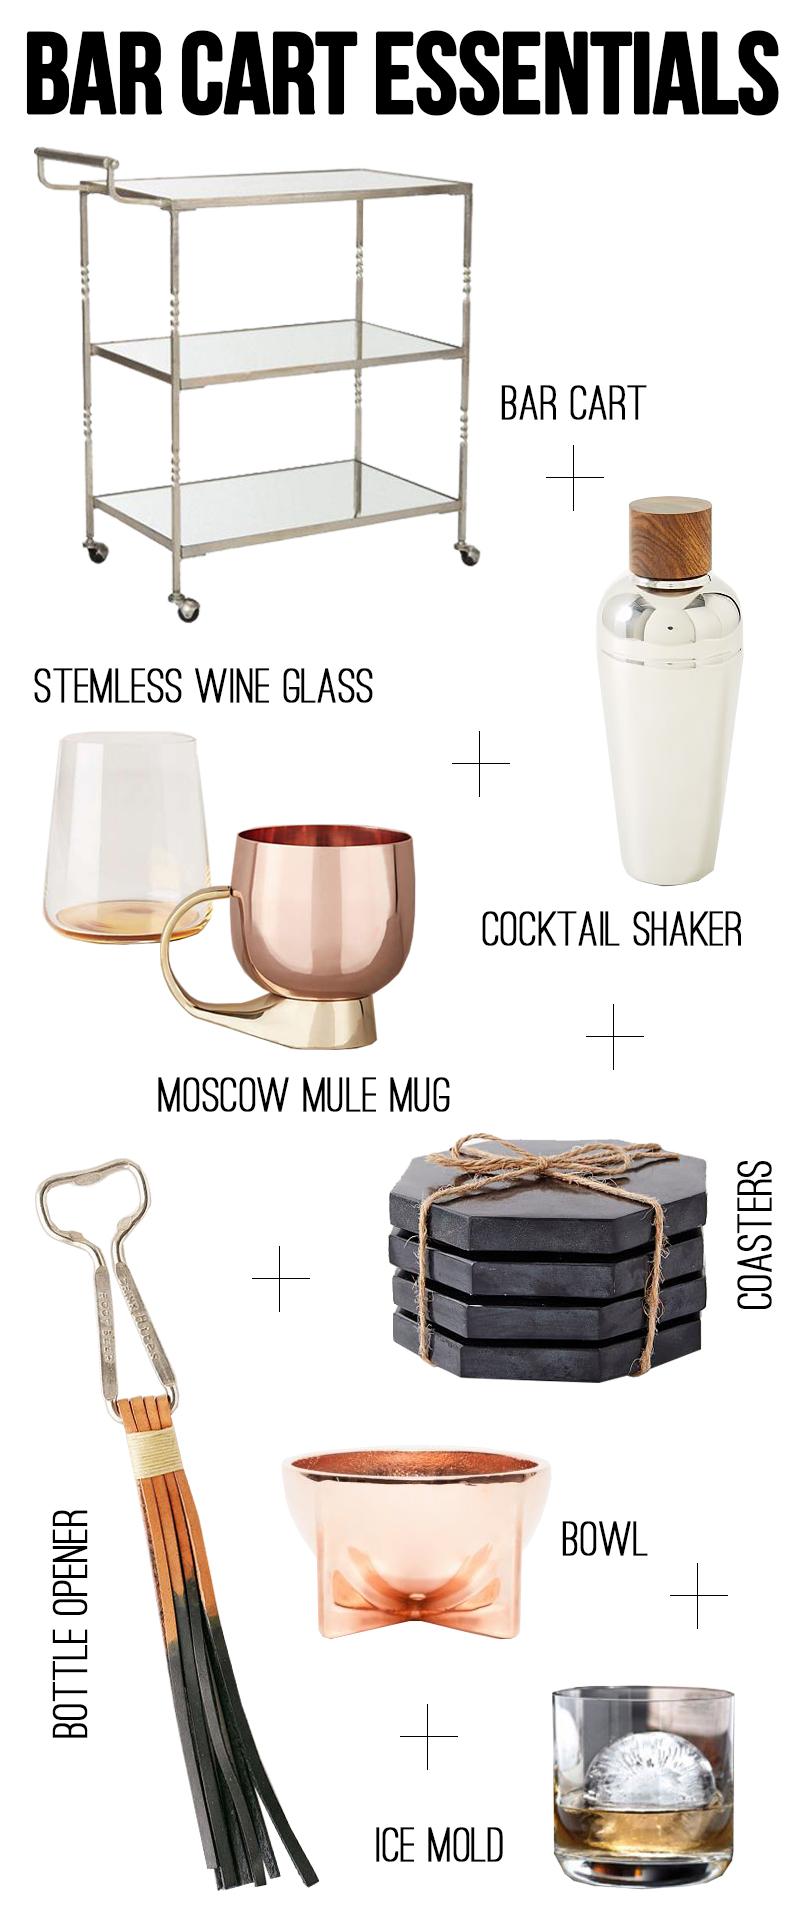 Amber Interiors - Bar Cart Essentials